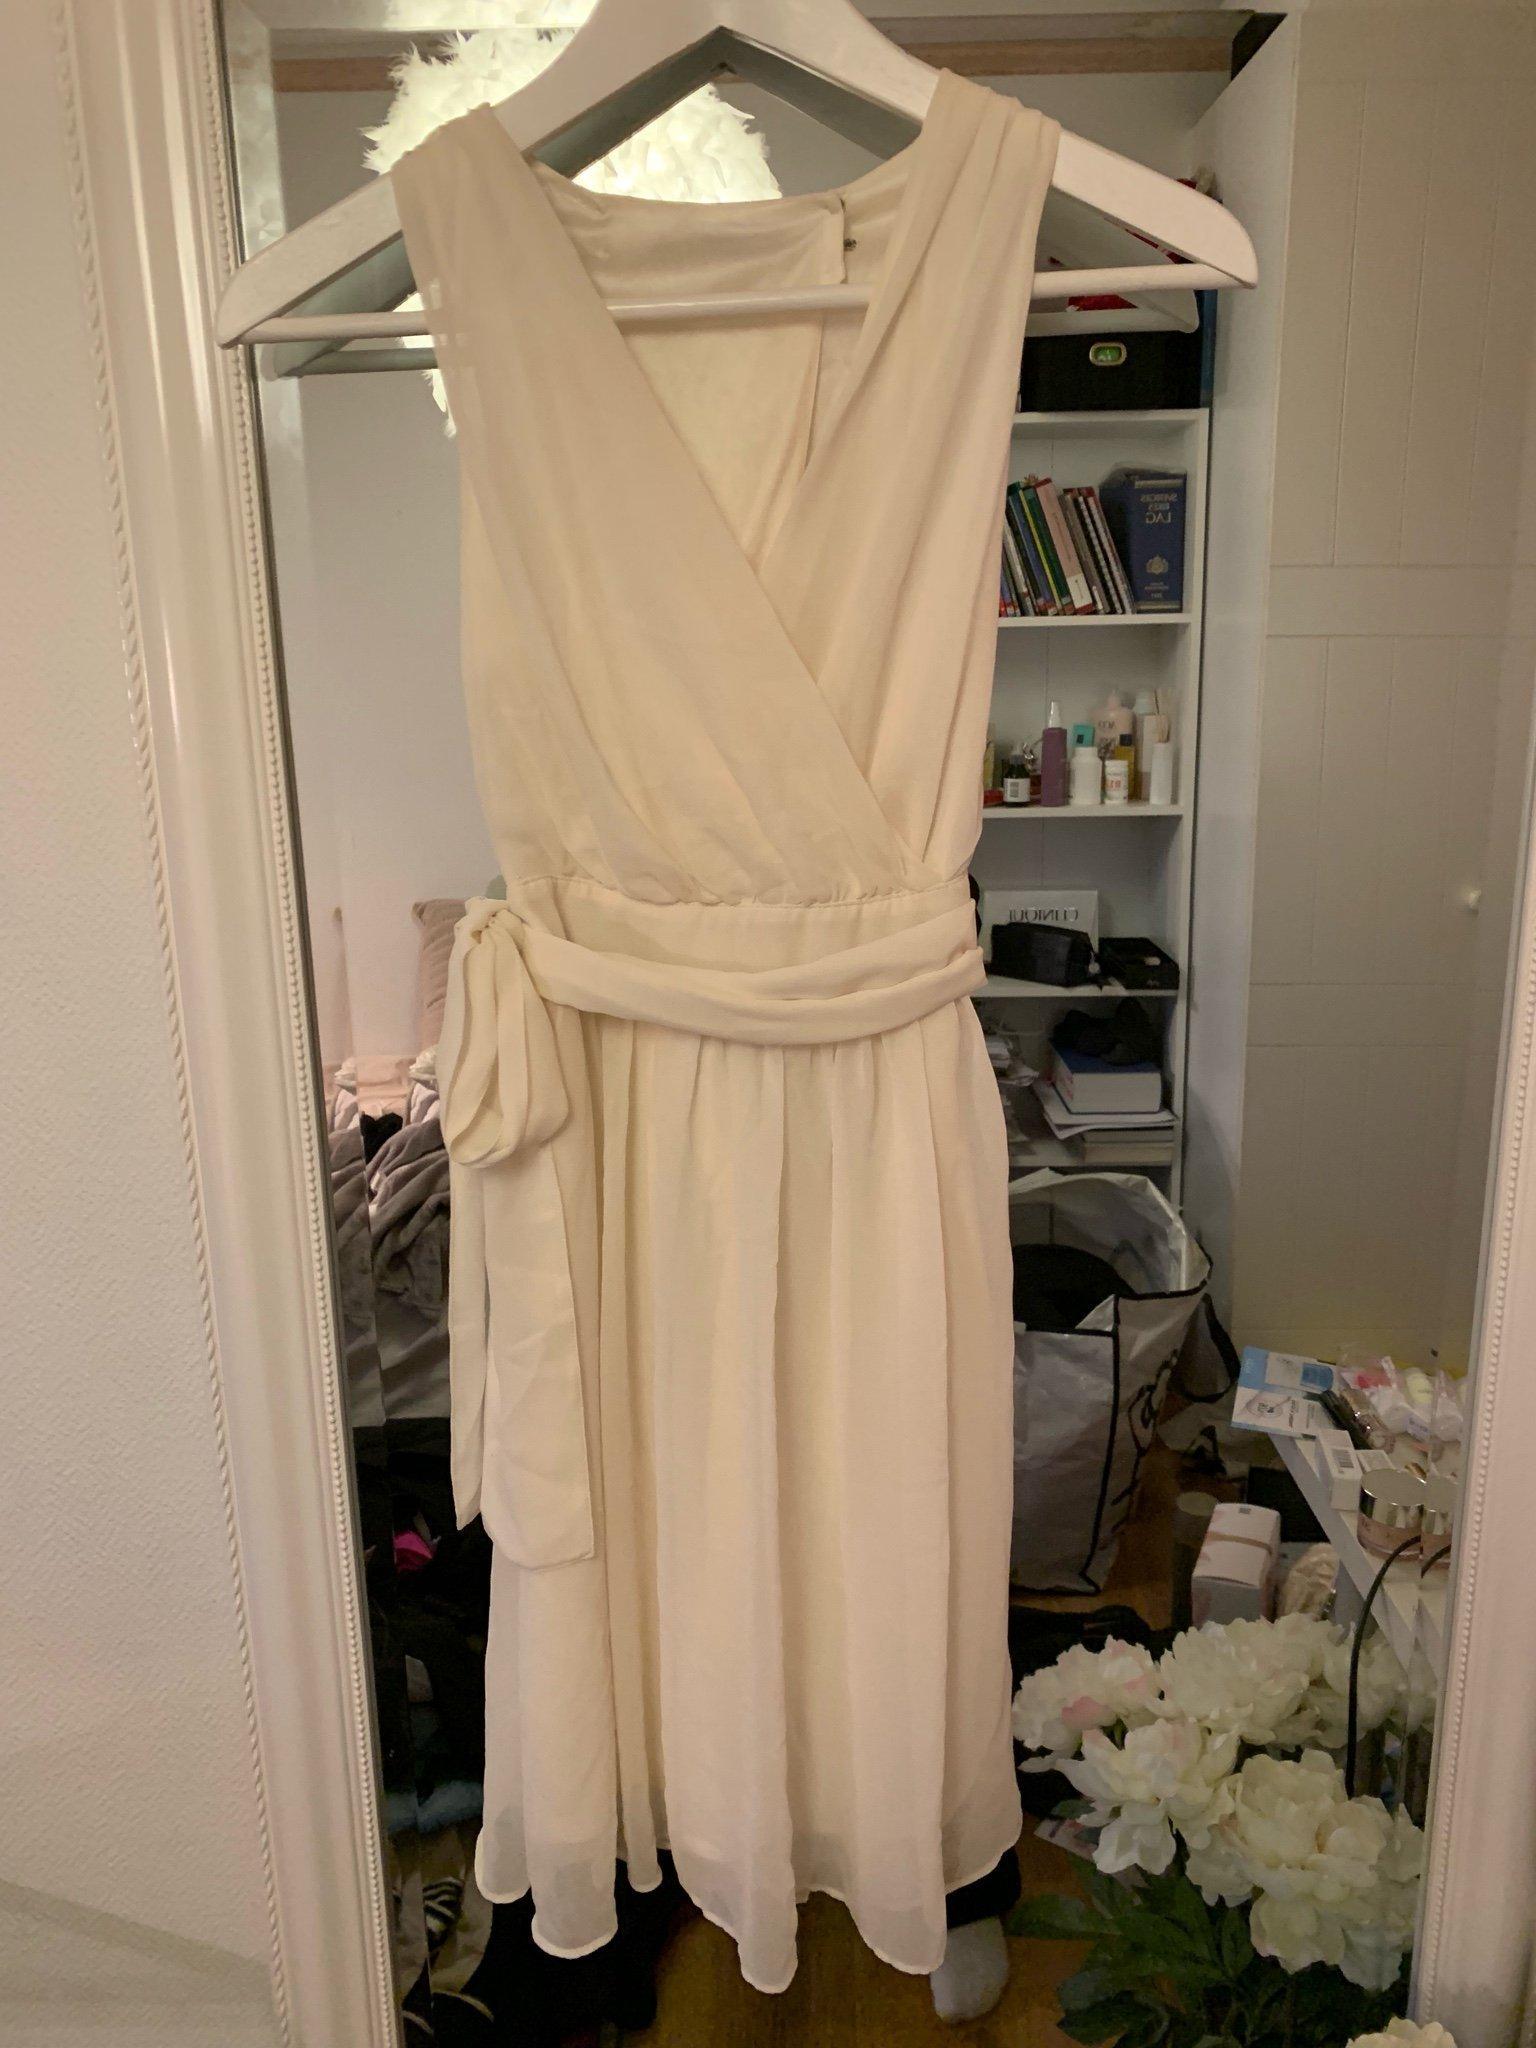 Vit klänning studentklänning MQ zoul storlek 32 (393807953